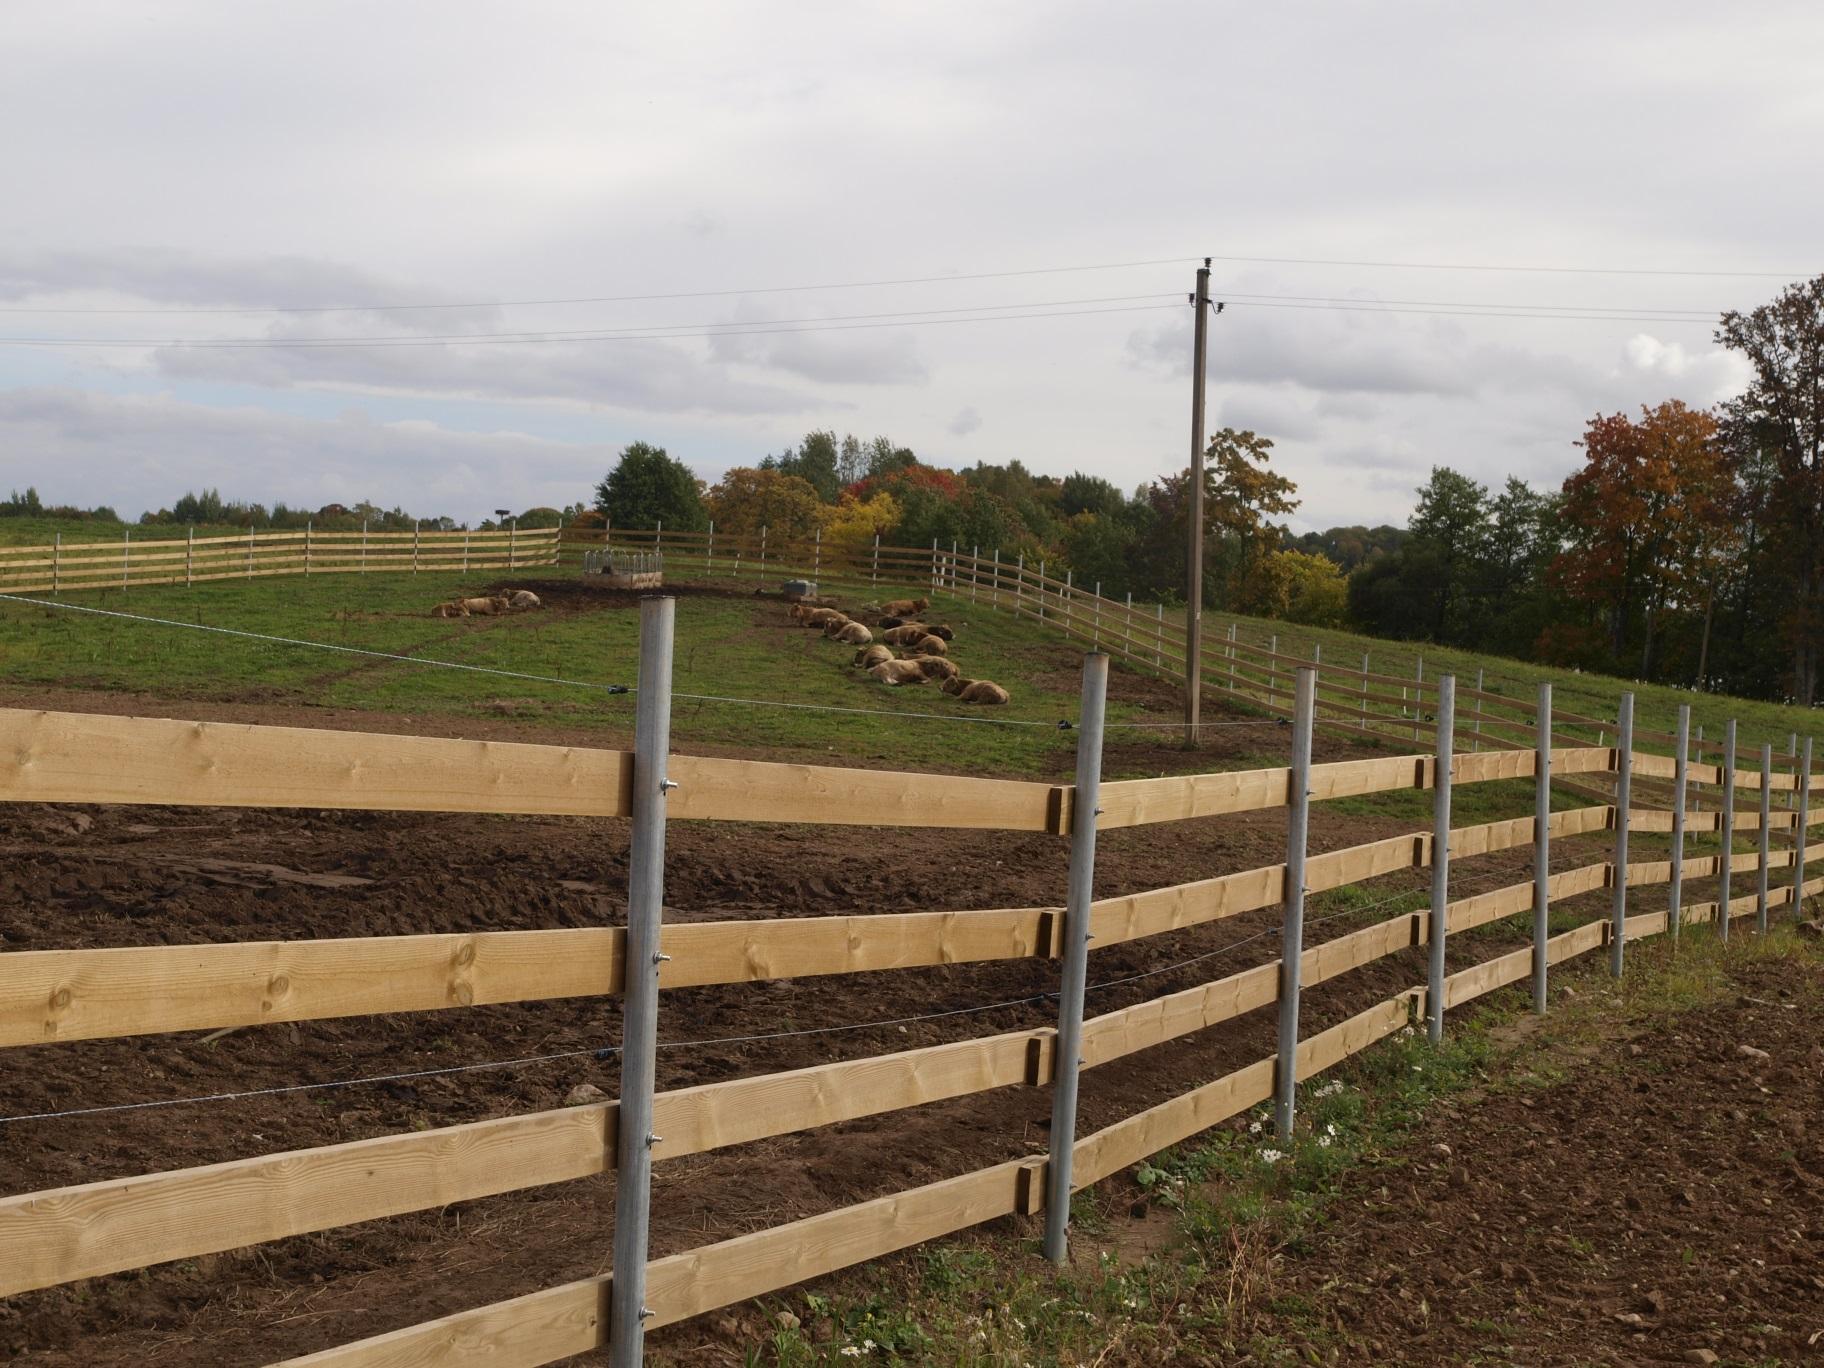 Pieno ūkiai Lietuvoje traukiasi, bet kai kas nespėja spausti sūrių